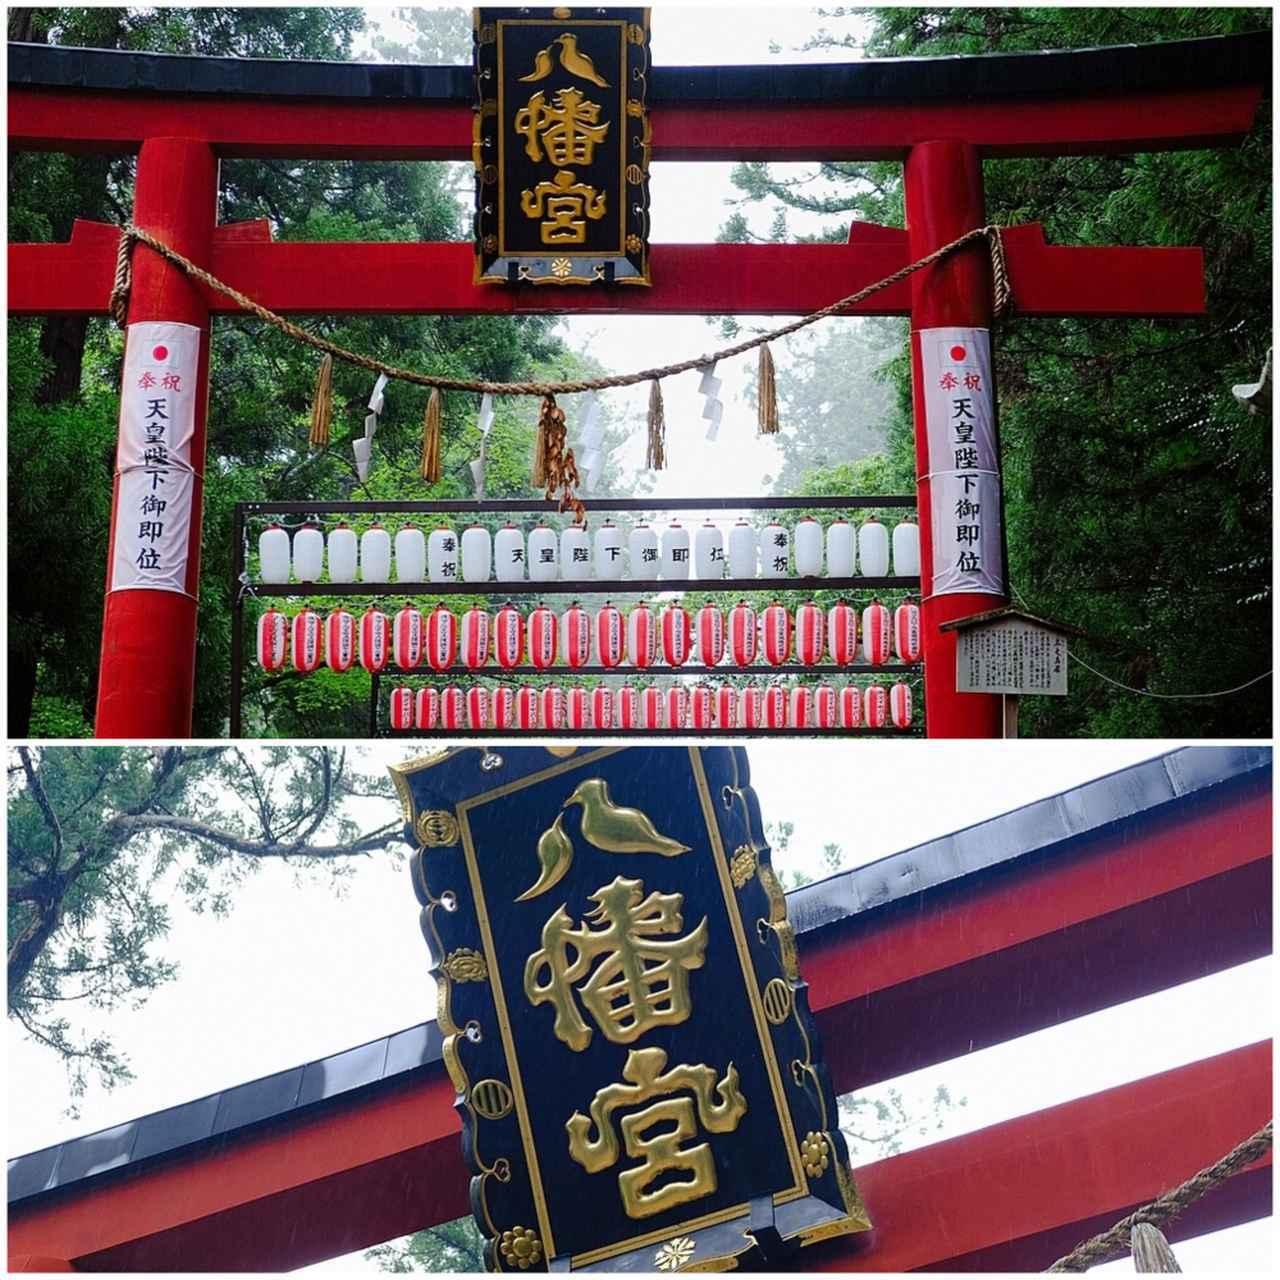 画像: 階段上にあるのは三の鳥居。ここにかかる扁額の「八」の文字は良く見ると向き合う鳩になっています。扁額の文字は仙台藩五代藩主伊達吉村公の揮毫だということです。